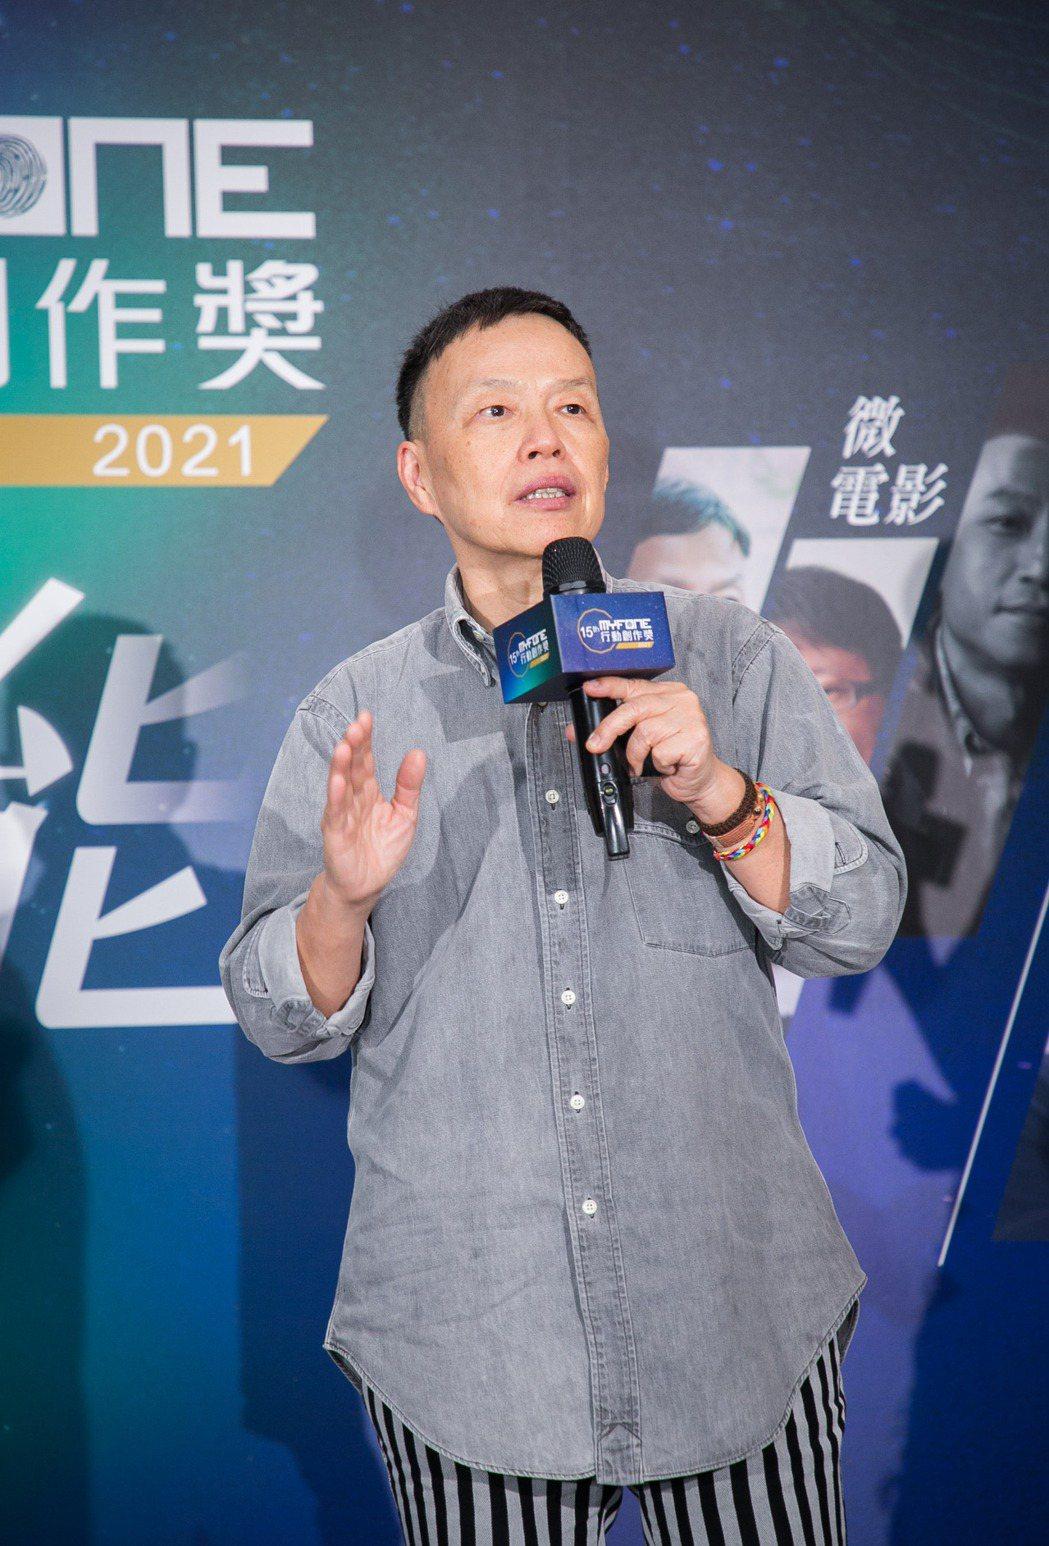 「微電影組」評審王小棣老師。台灣大/提供